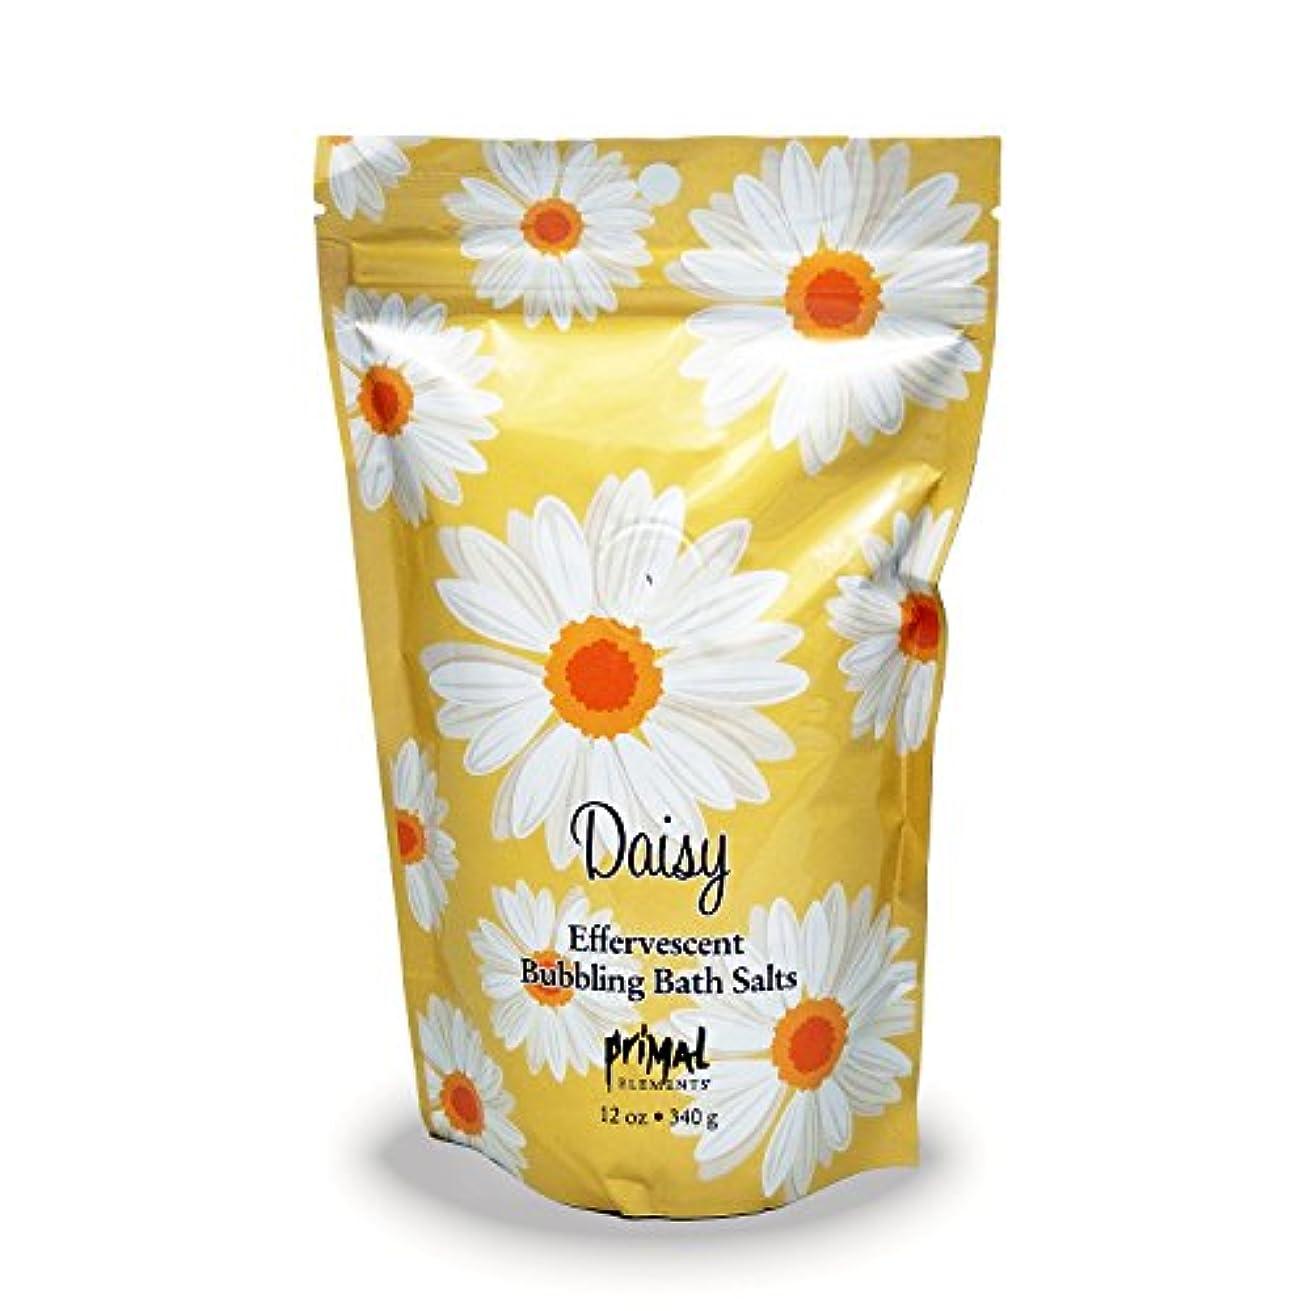 ラオス人要件納税者プライモールエレメンツ バブリング バスソルト/デイジー 340g エプソムソルト含有 アロマの香りがひろがる泡立つ入浴剤